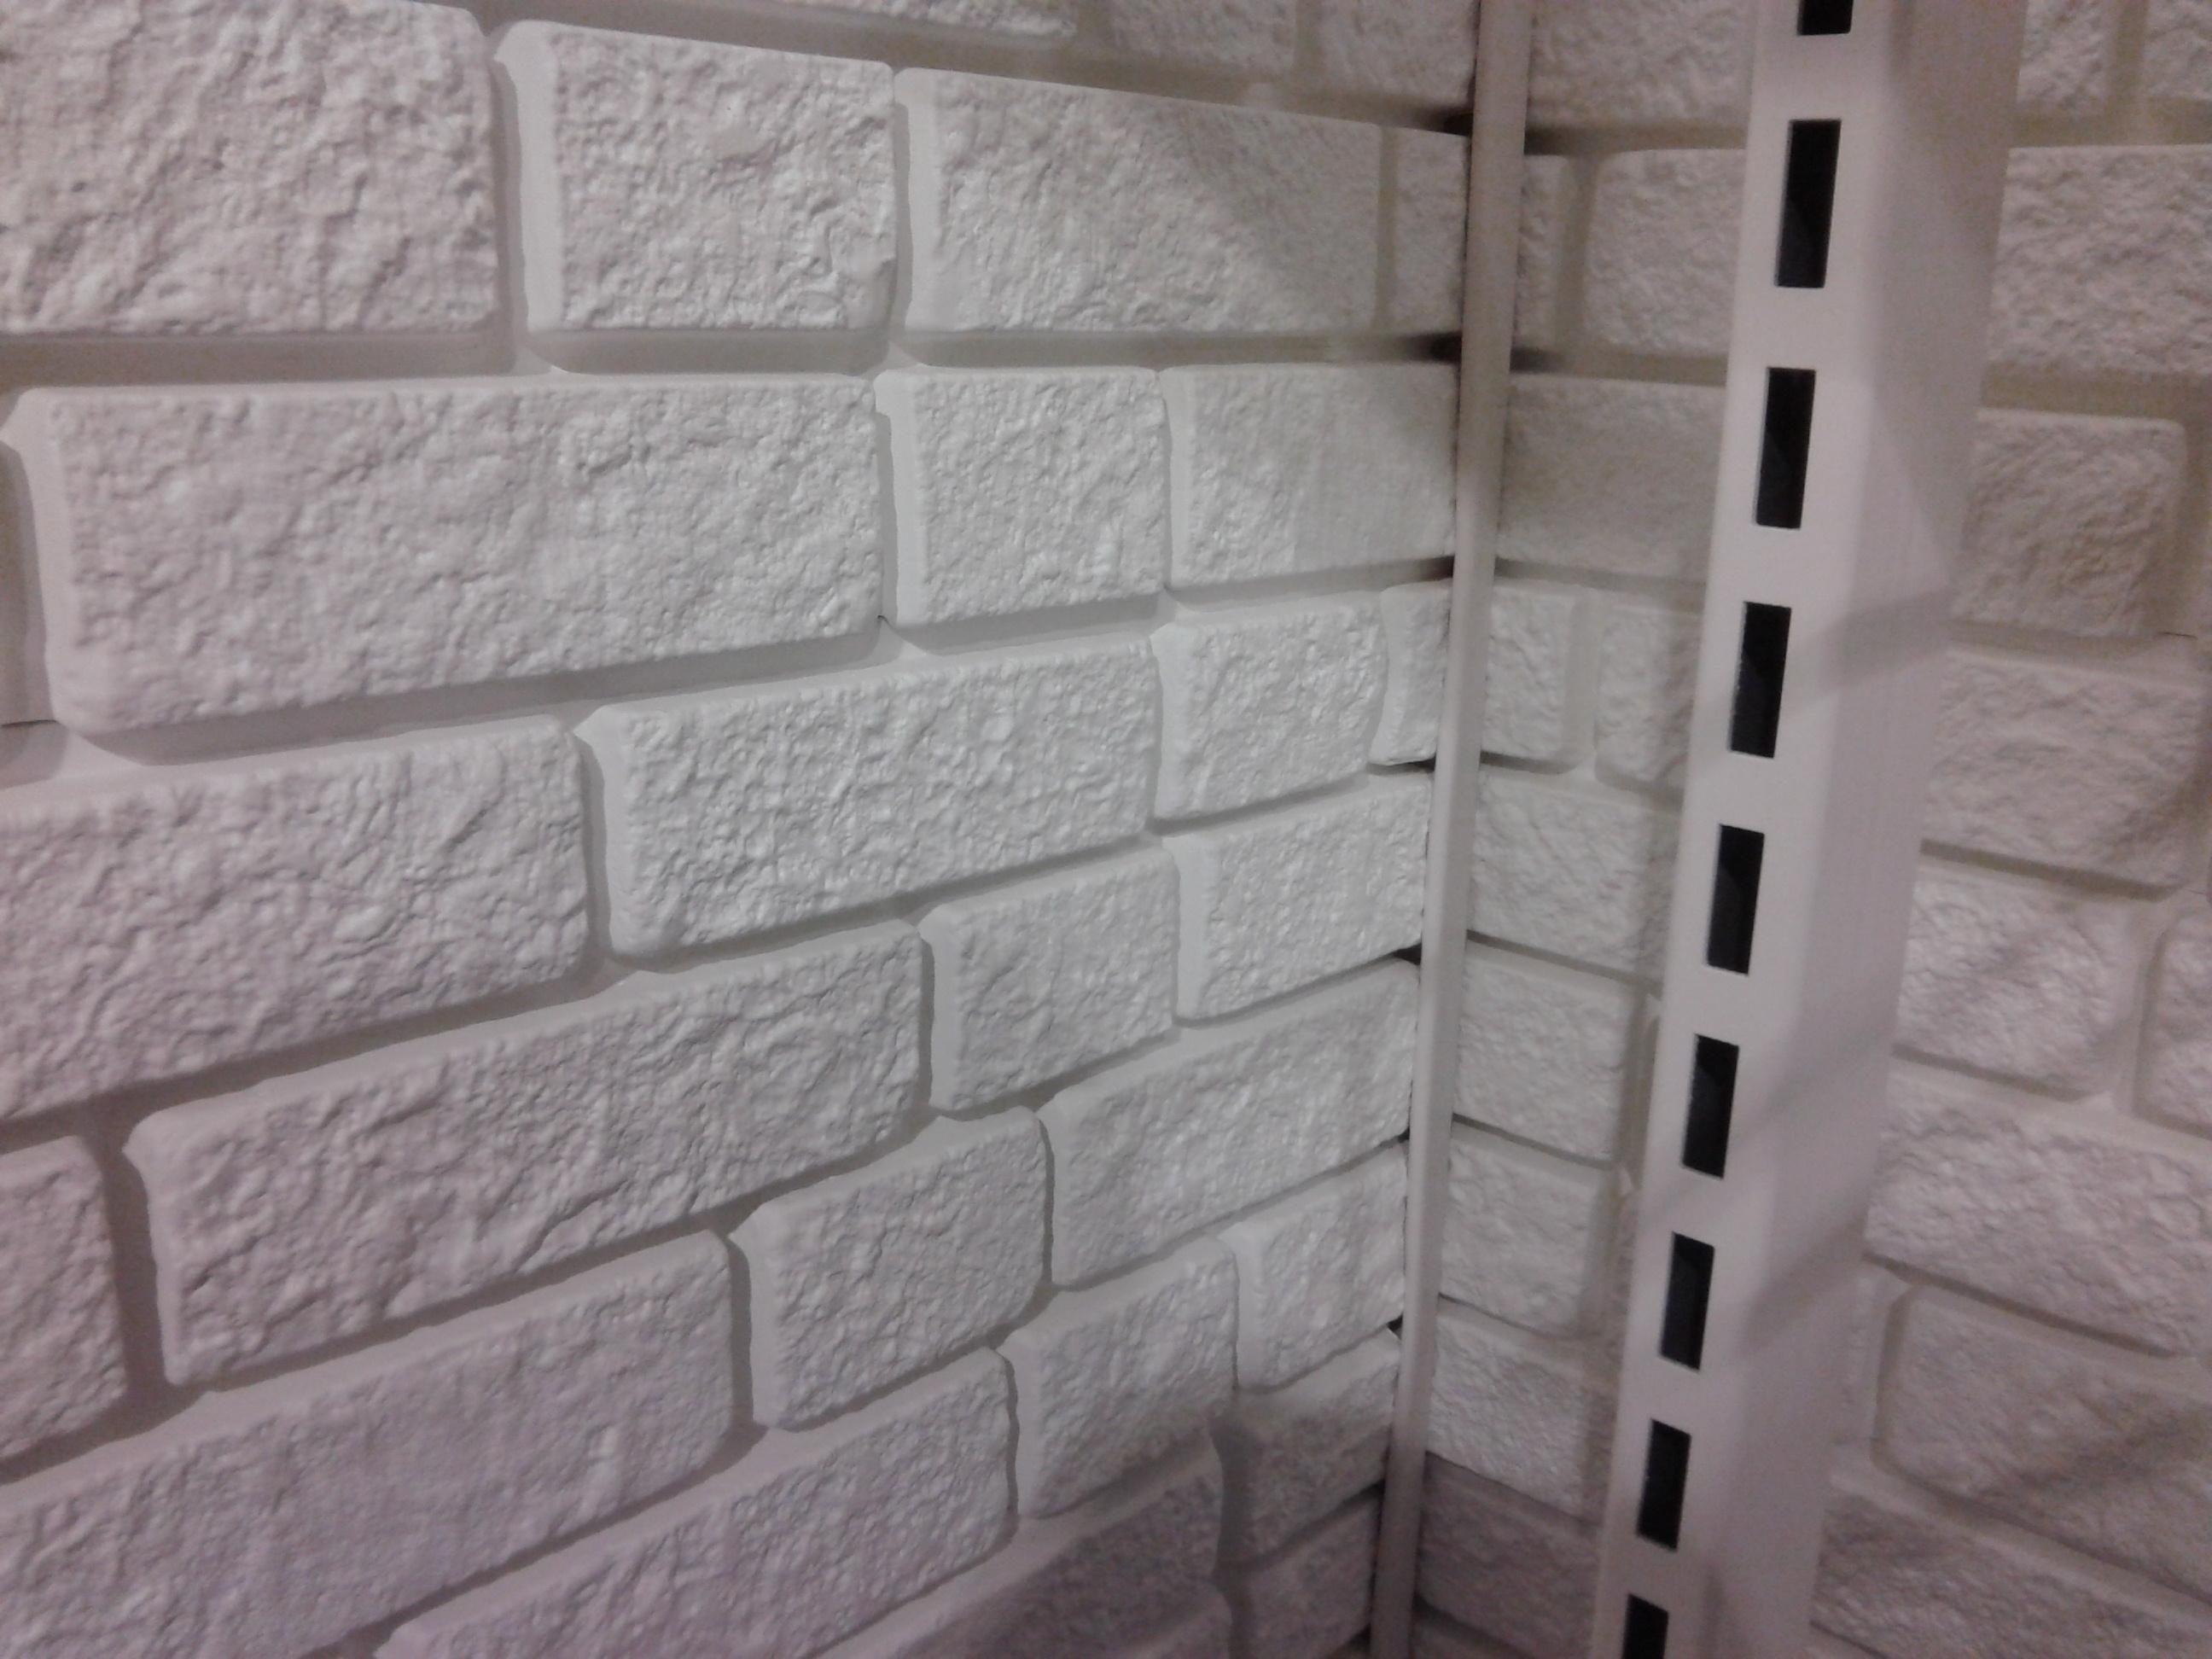 Магазин одежды.  Внутренняя отделка панелями кирпич 10: цвет белый.